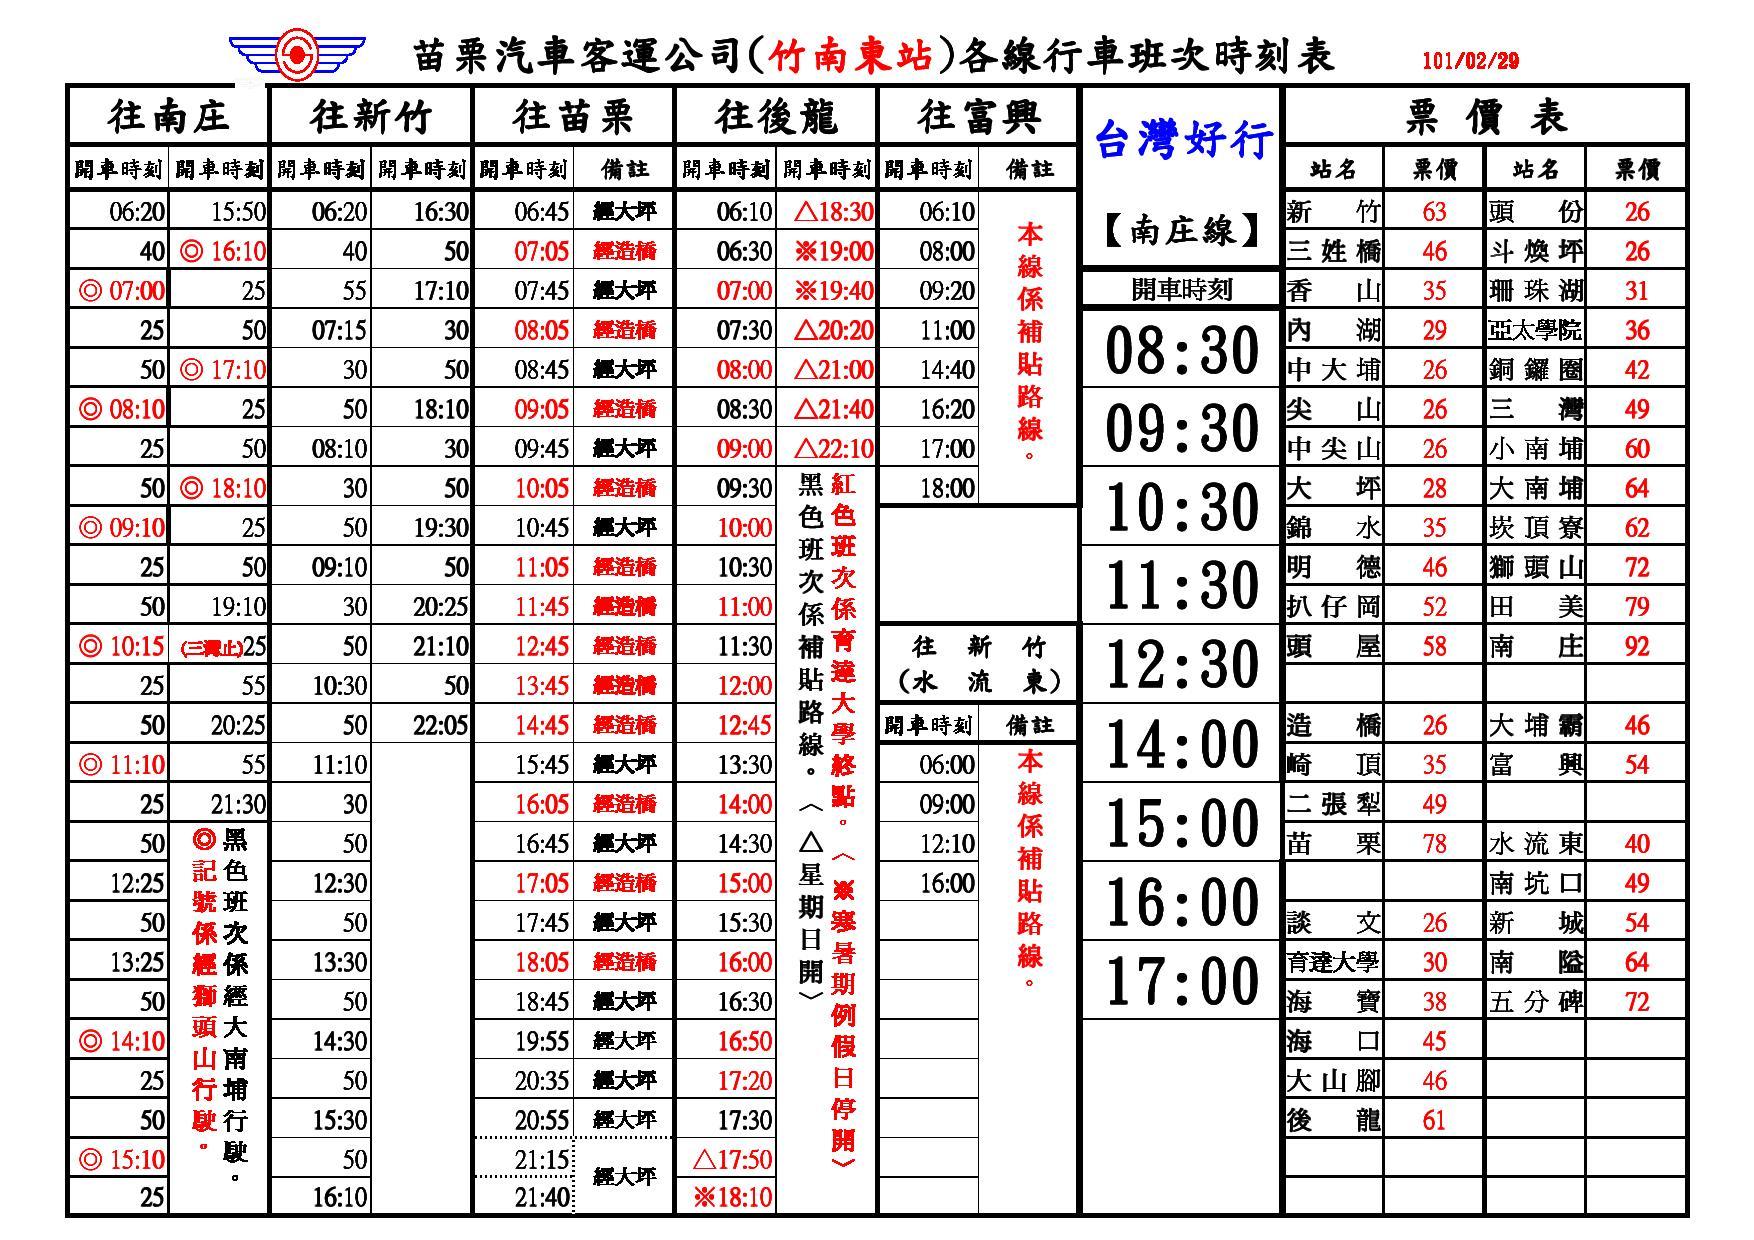 苗栗客運時間表 ←請按一下(往新竹)